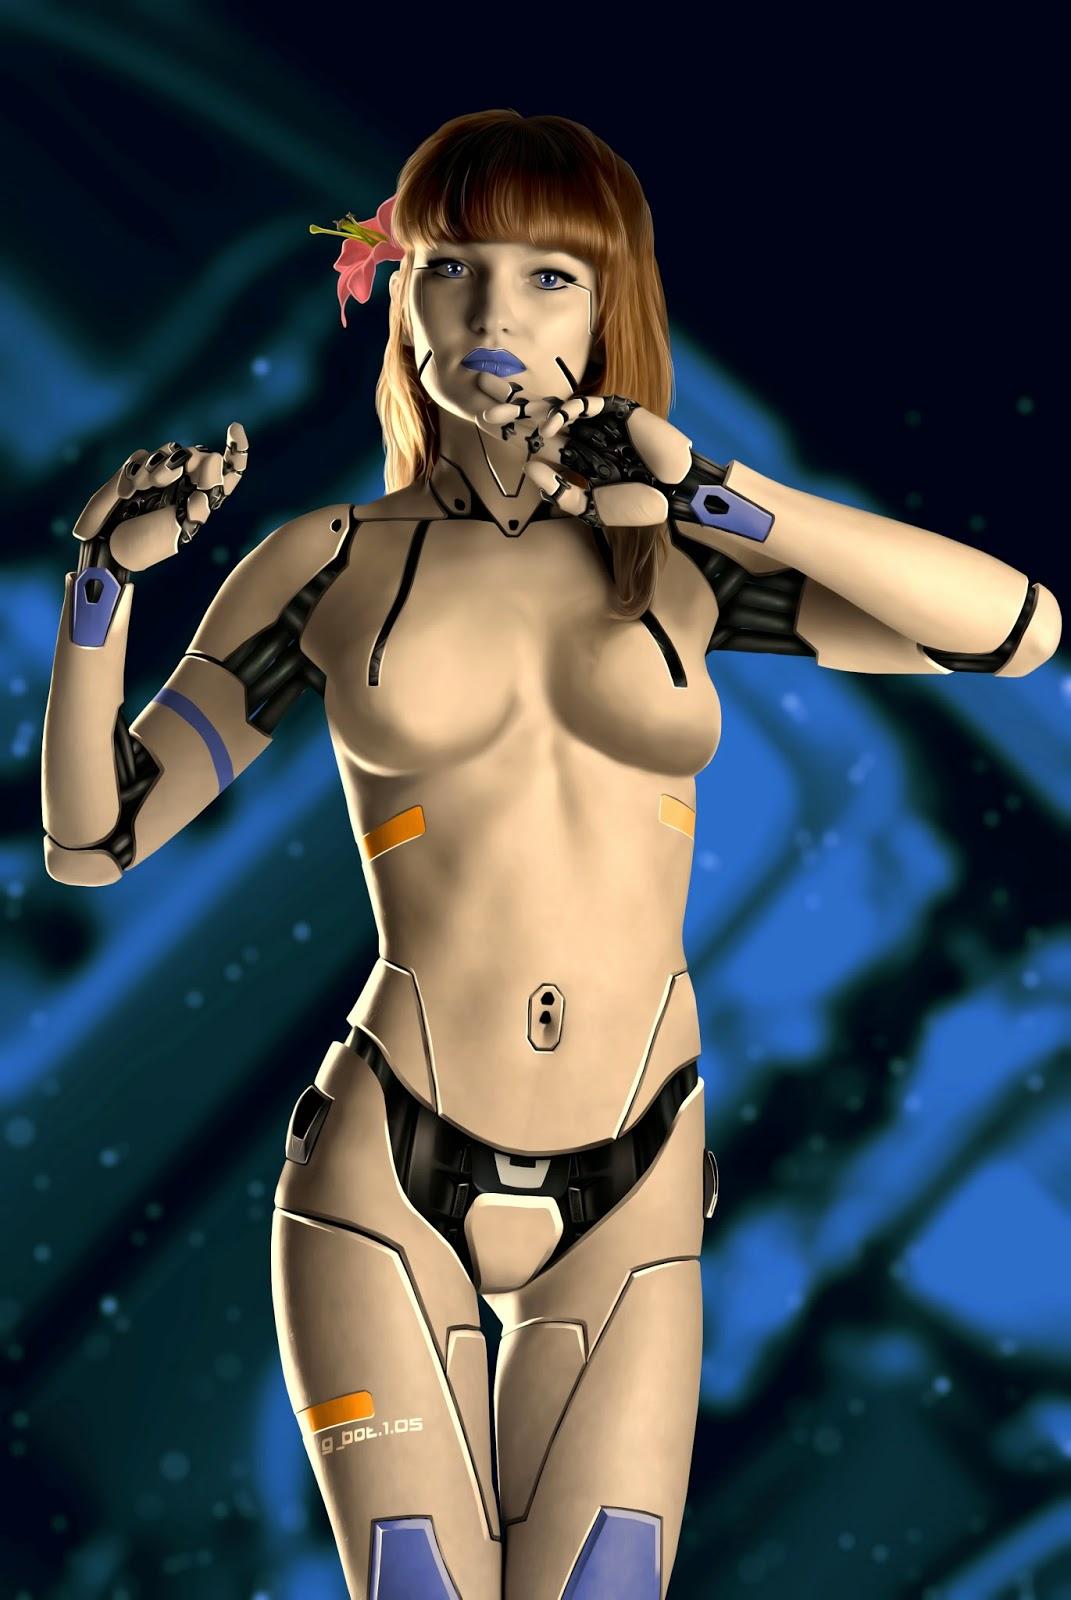 Робот девушка для секса фото 20 фотография